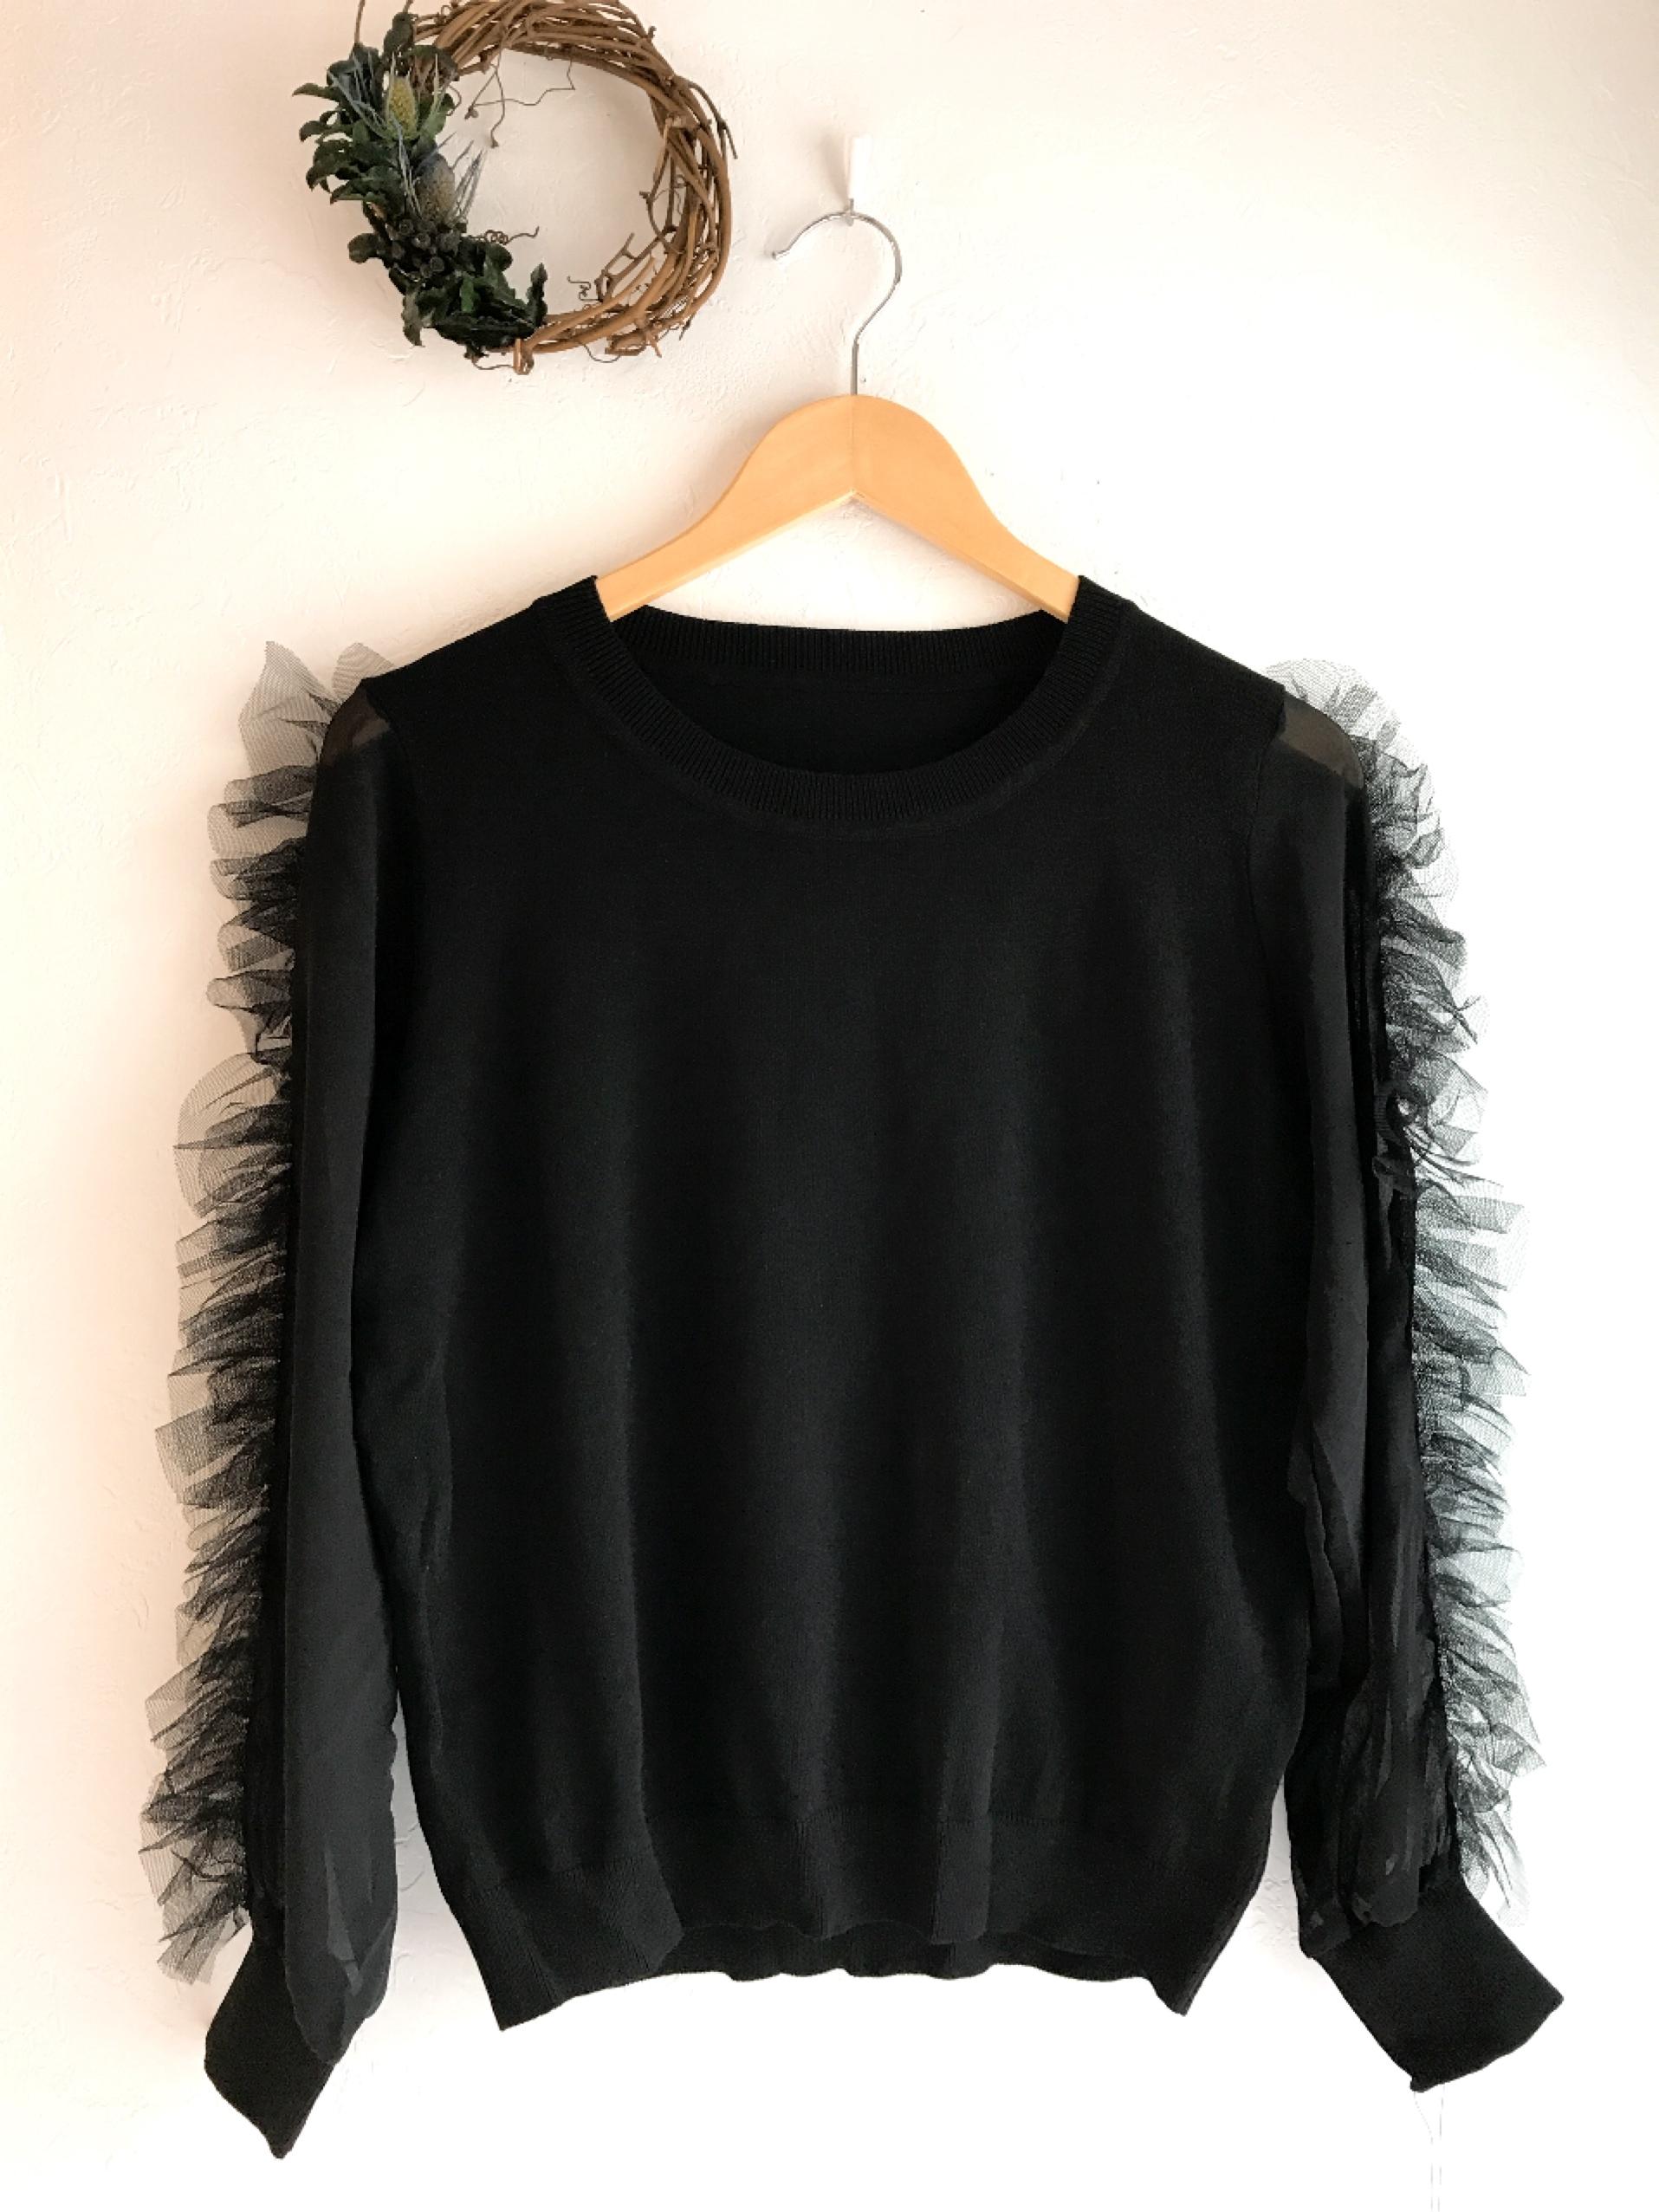 チュールフリル付きシースルー袖のニット ブラック